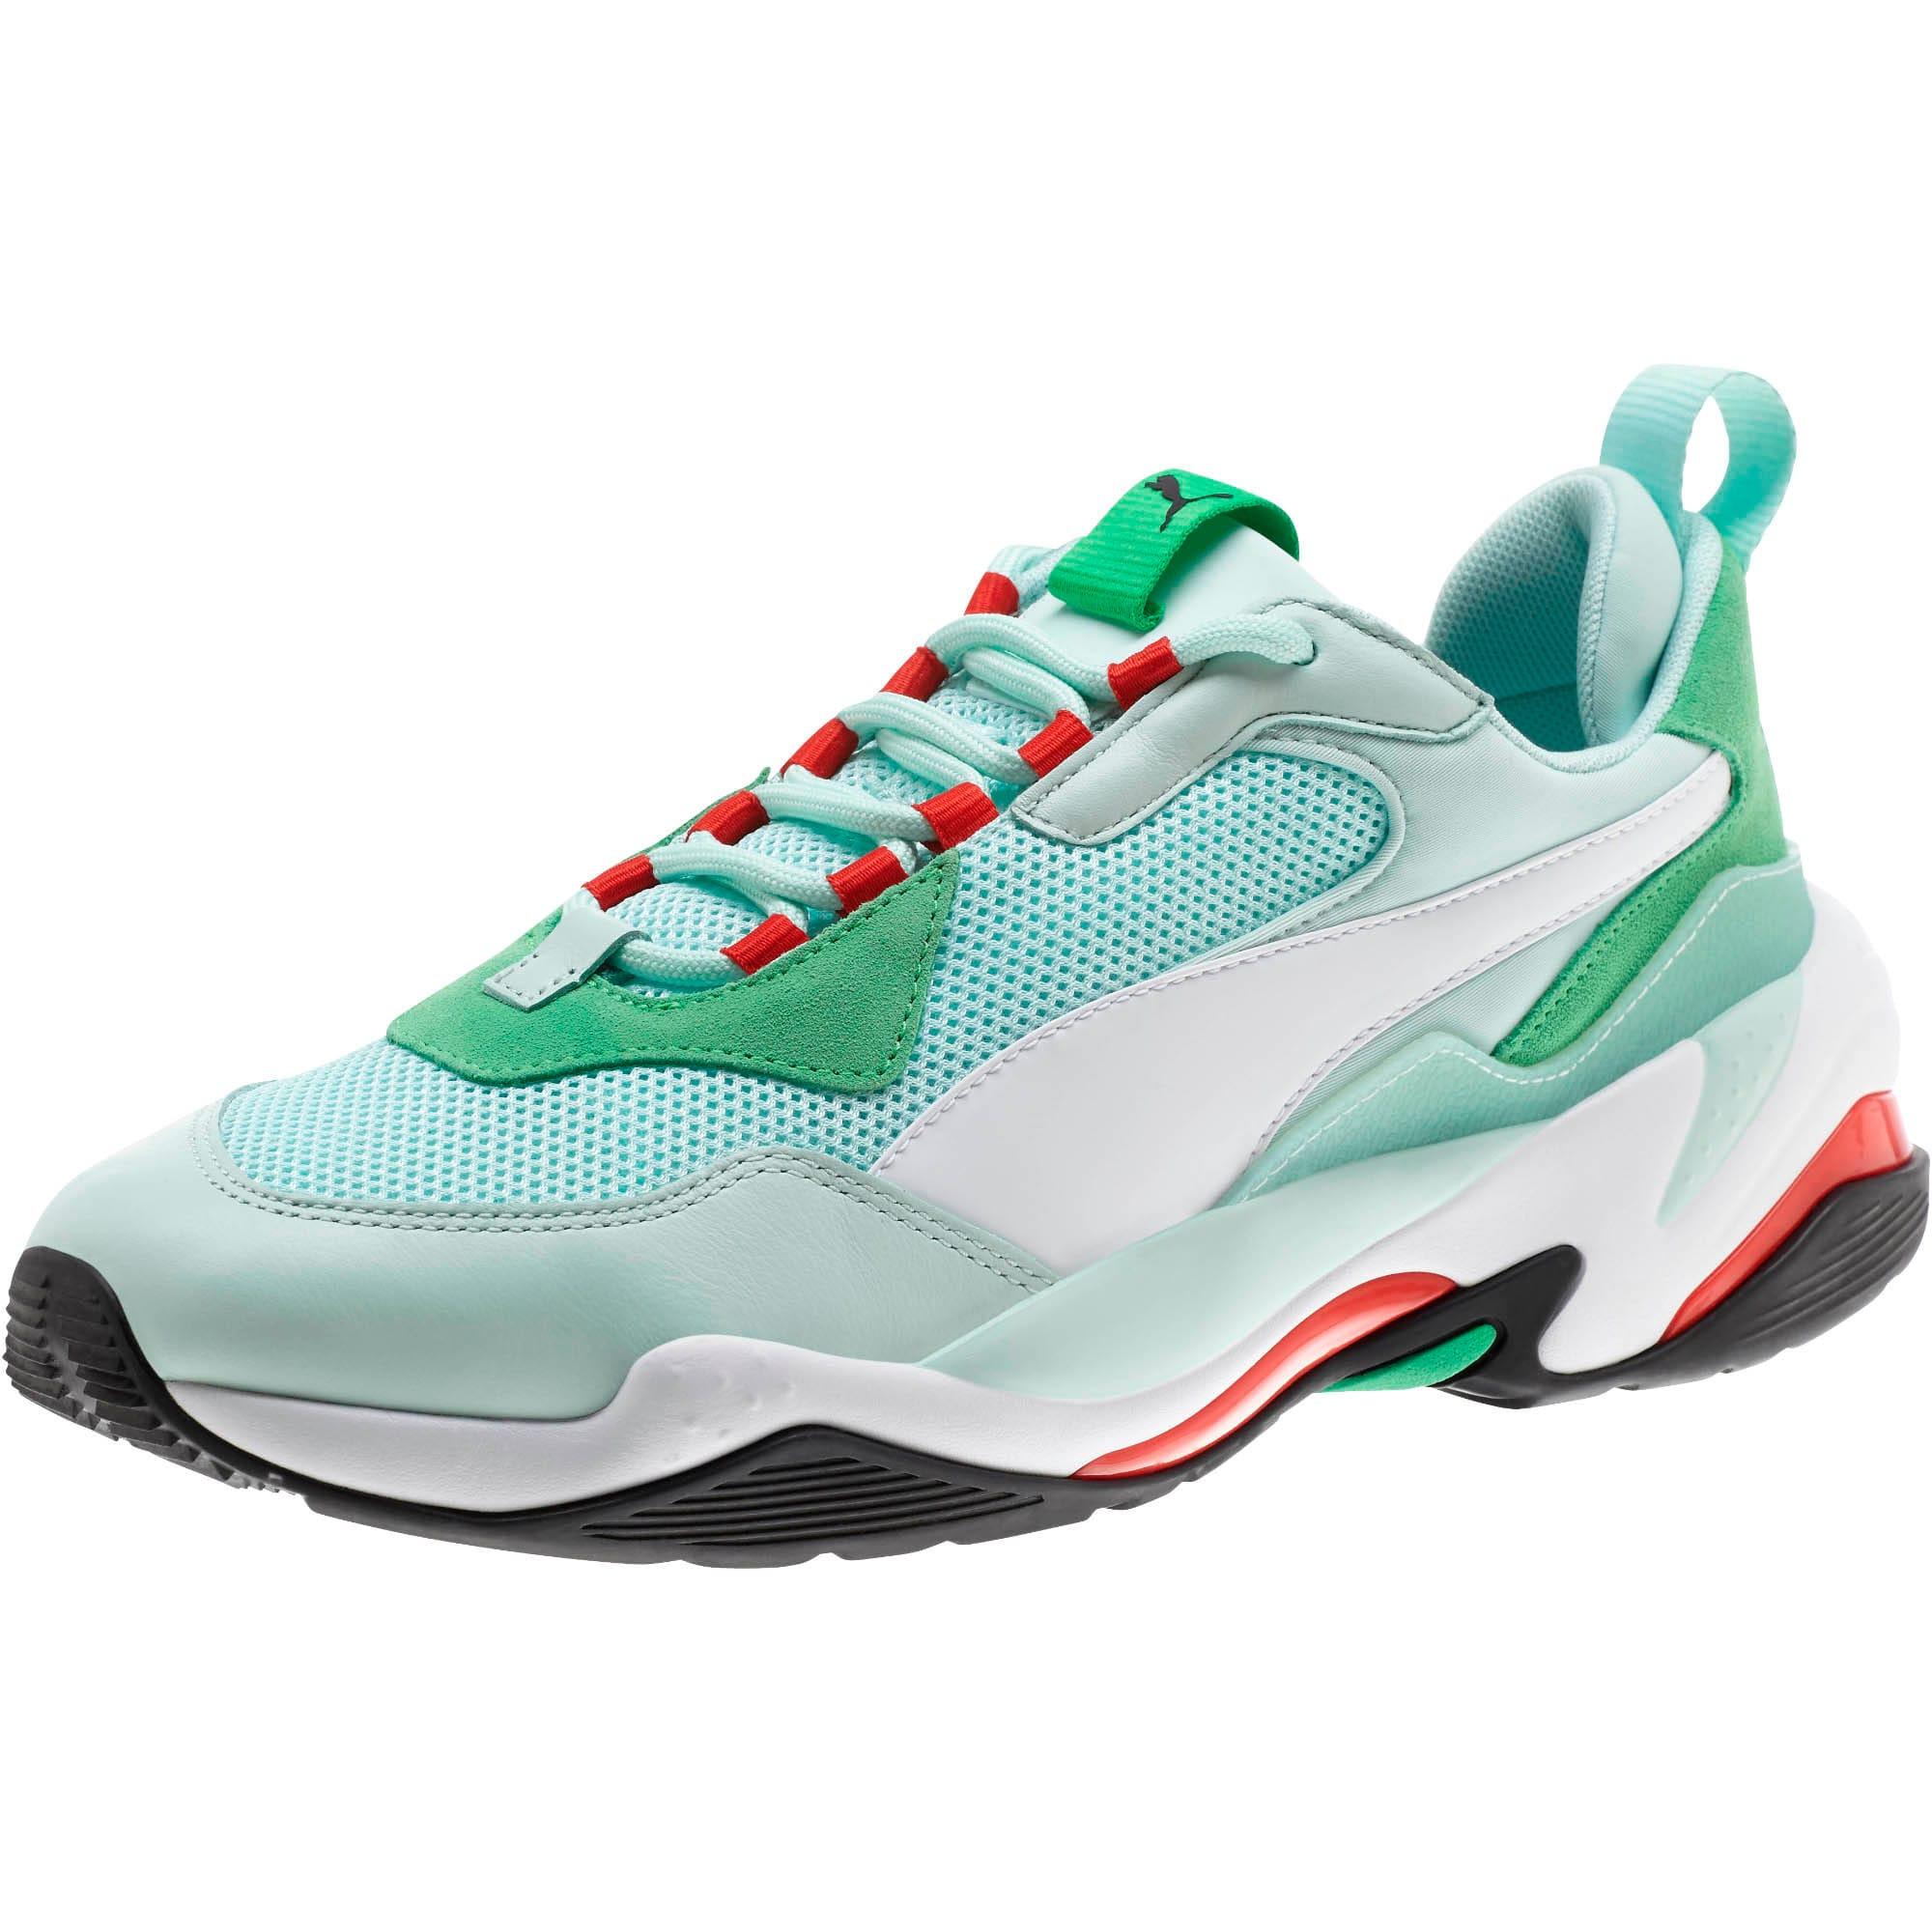 Thumbnail 1 of Thunder Spectra Sneakers, Fair Aqua-Irish Green, medium